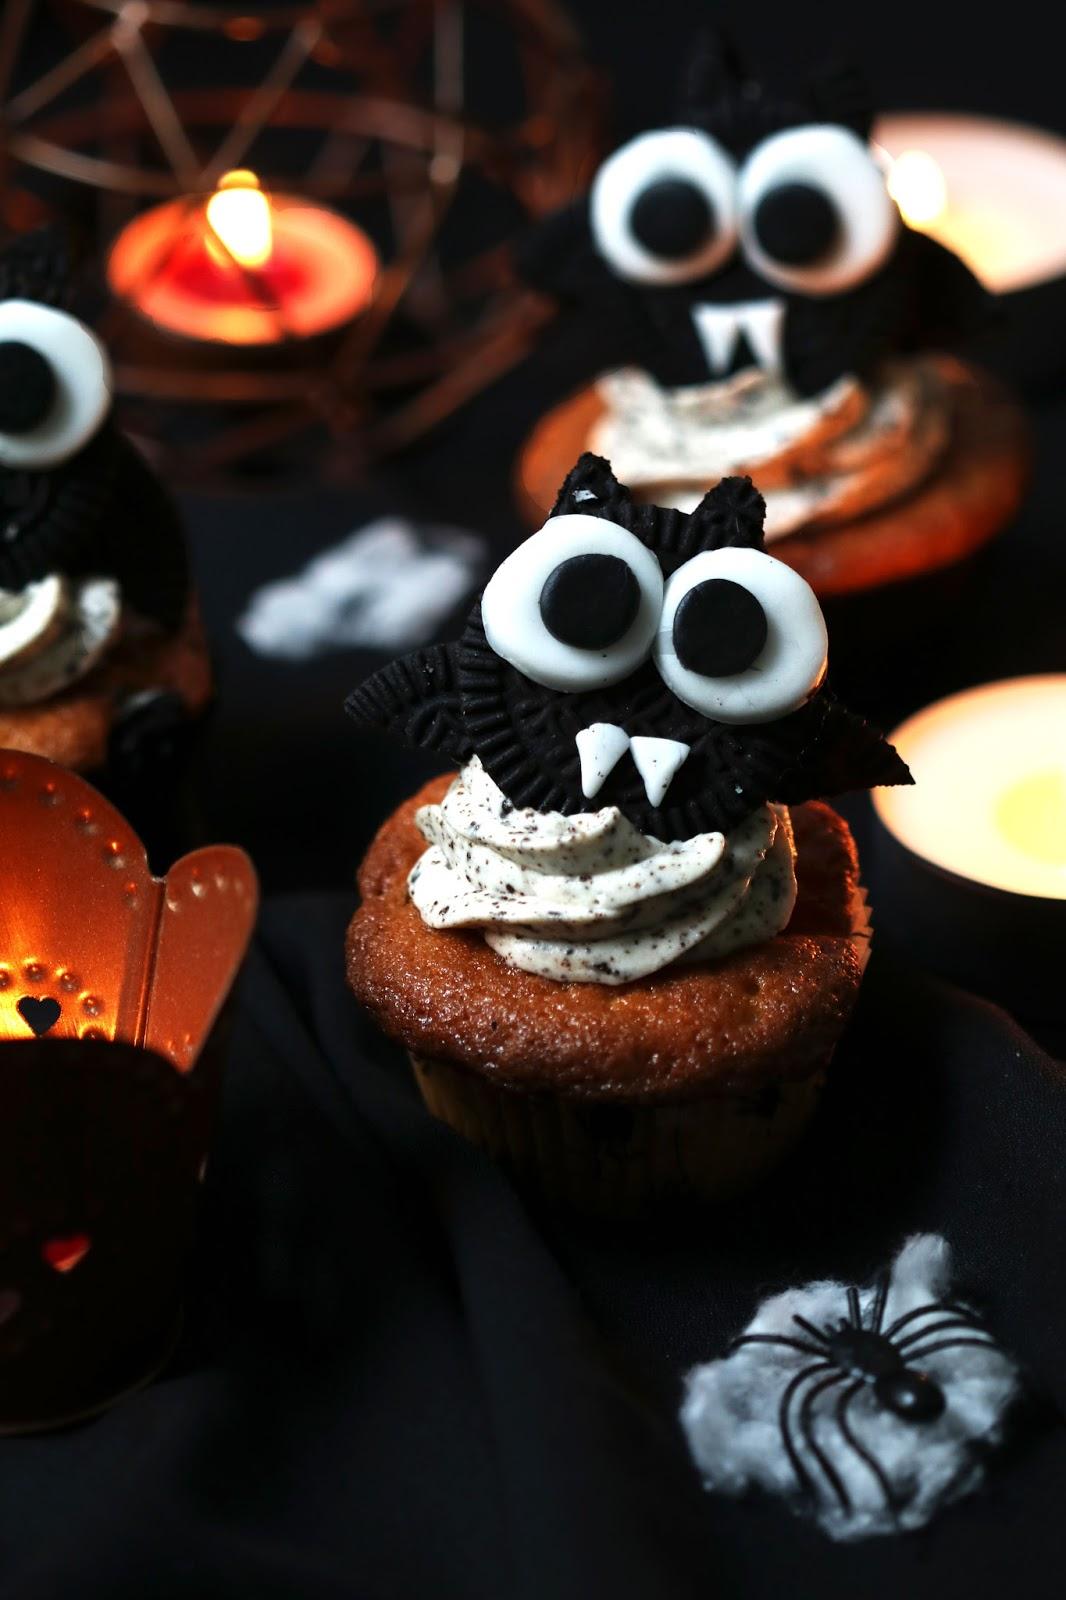 Recette Halloween : cupcakes aux oréos